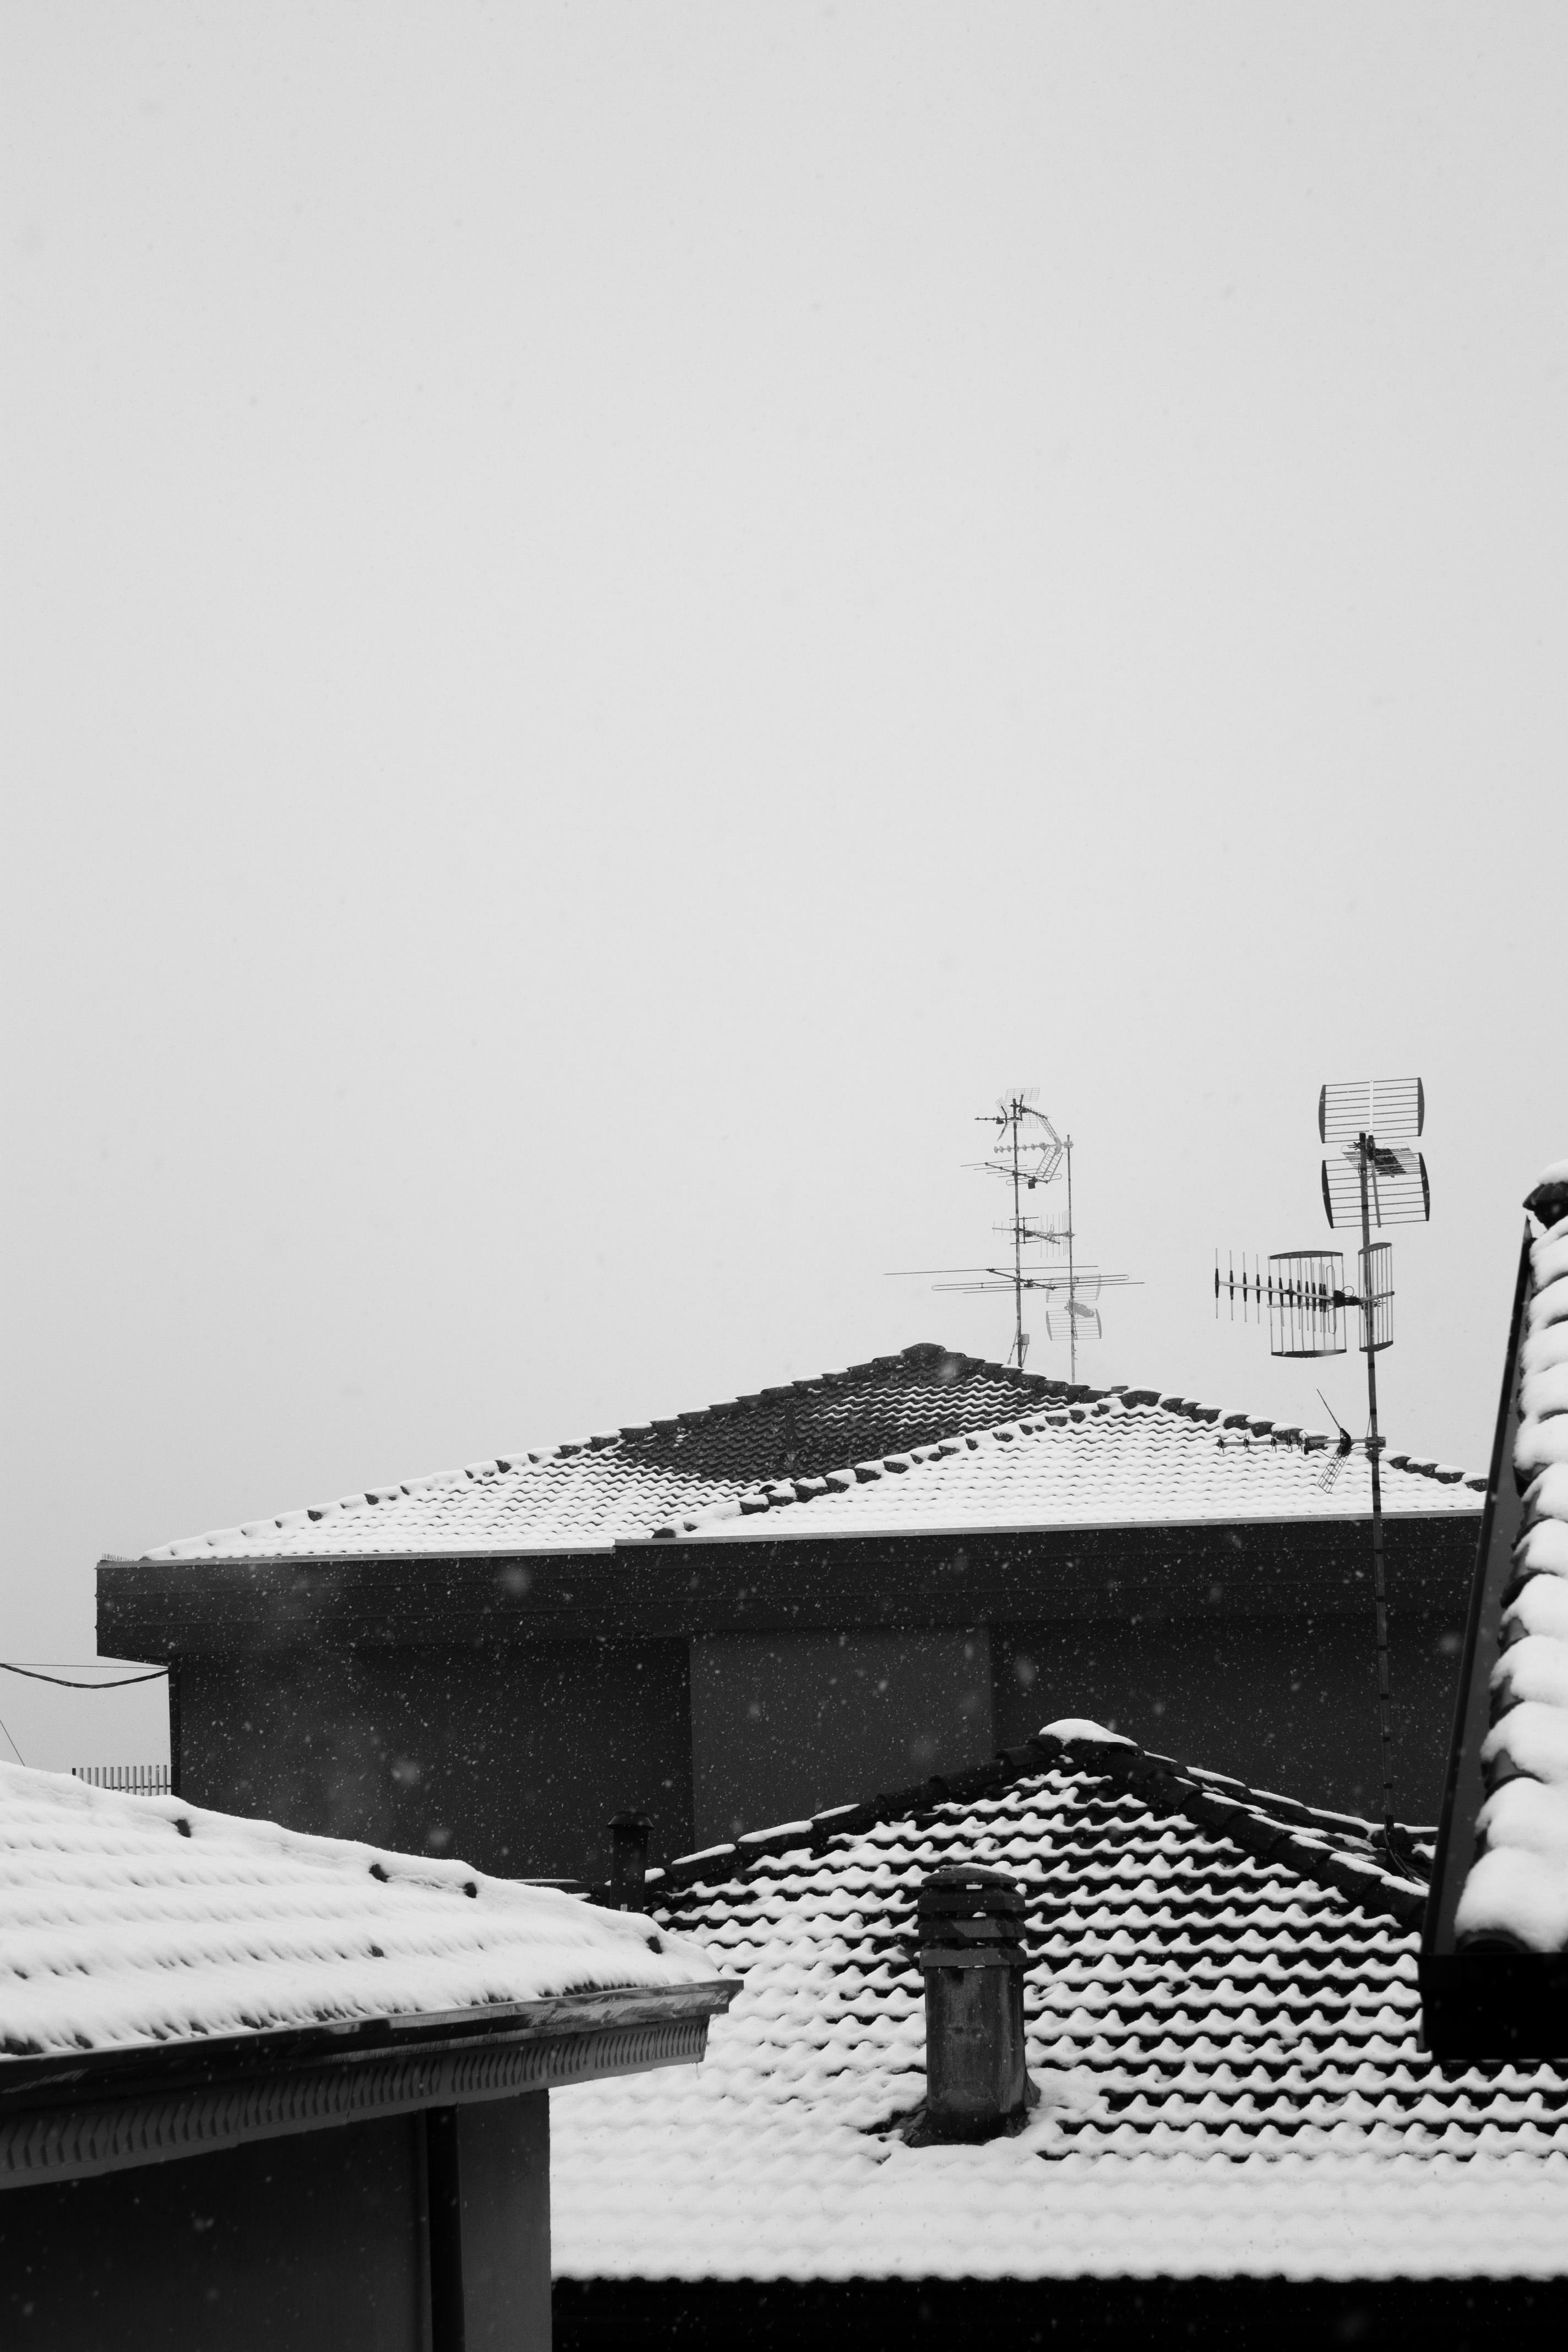 cielo grigio con neve sul tetto del carcere d'inverno